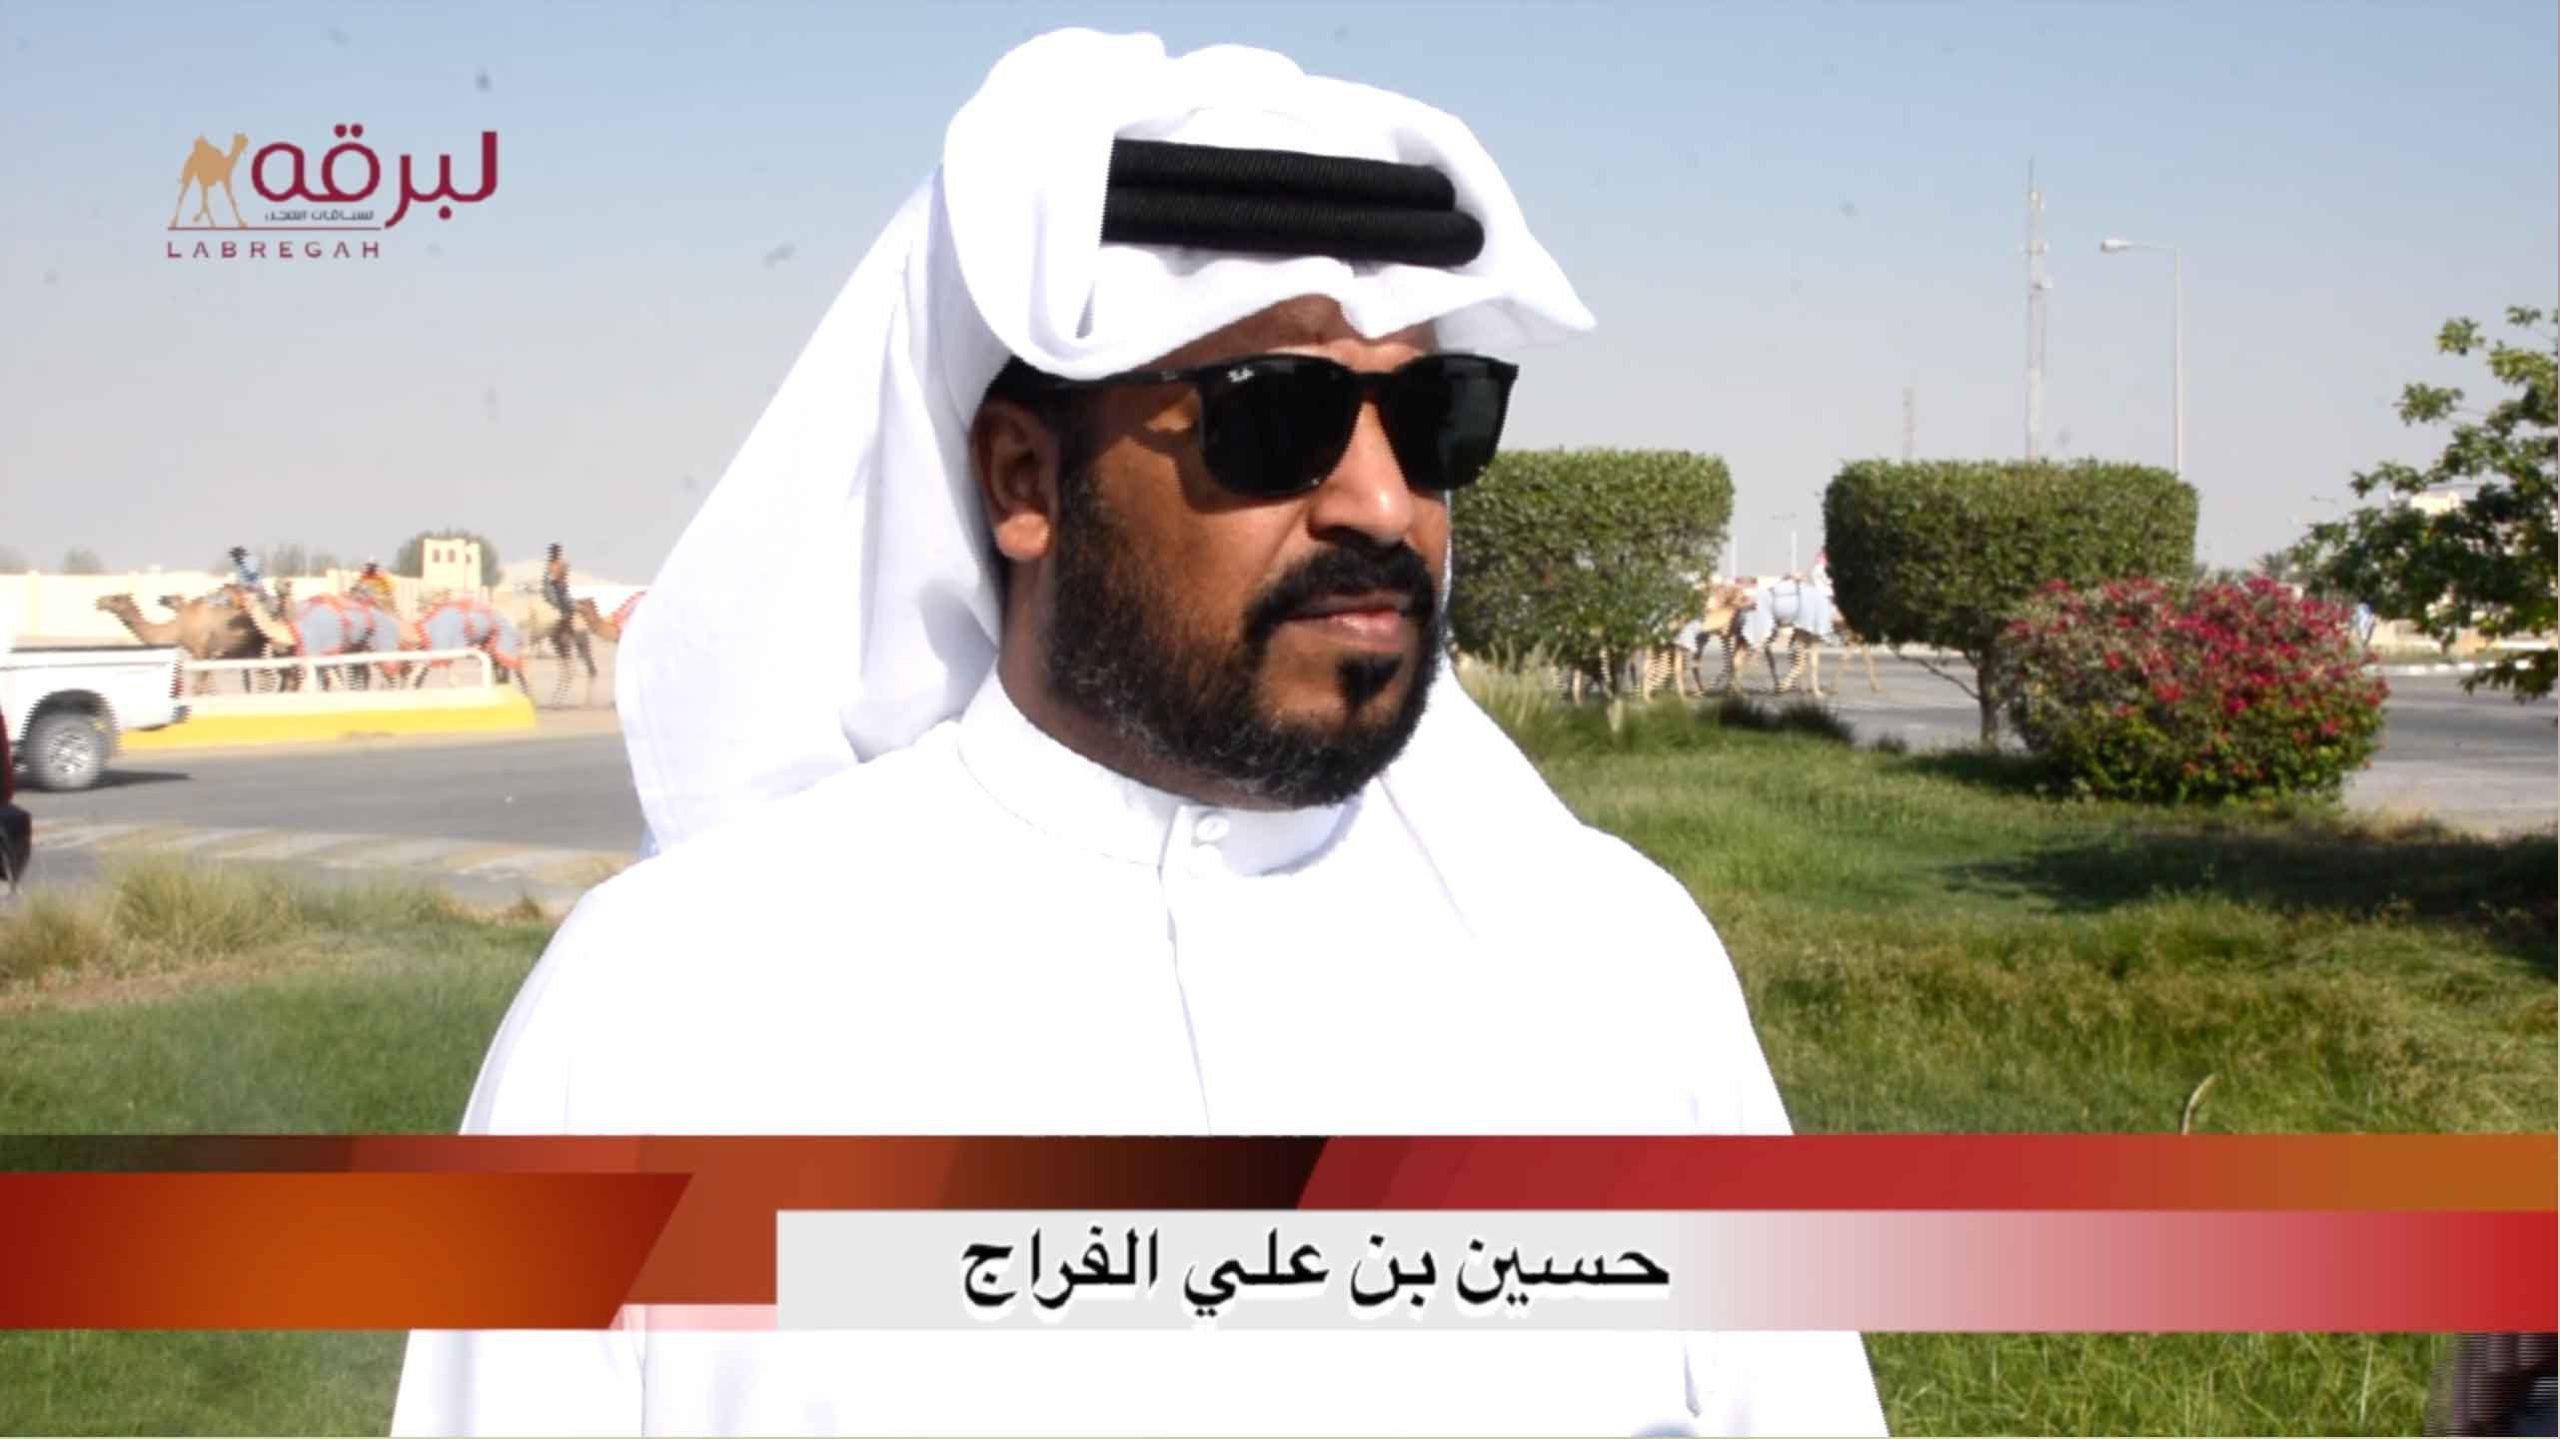 لقاء مع حسين بن علي الفراج.. الشوط الرئيسي للثنايا قعدان إنتاج الأشواط العامة  ١٥-١٠-٢٠٢٠